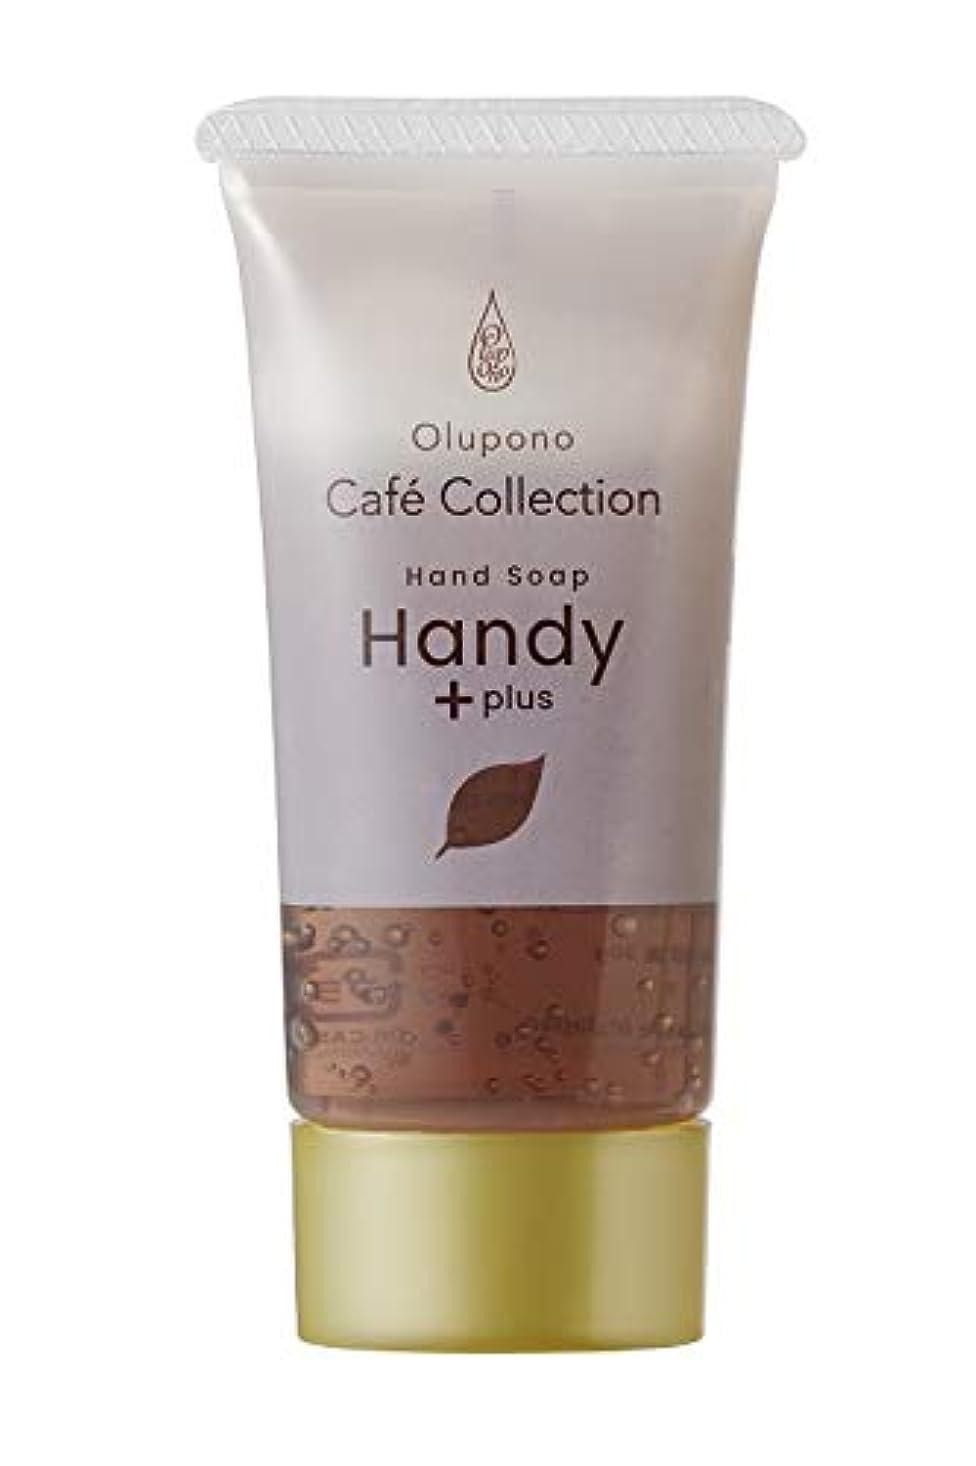 ほのか表向き定義するオルポノカフェコレクションHandy+plus<30g> コーヒー